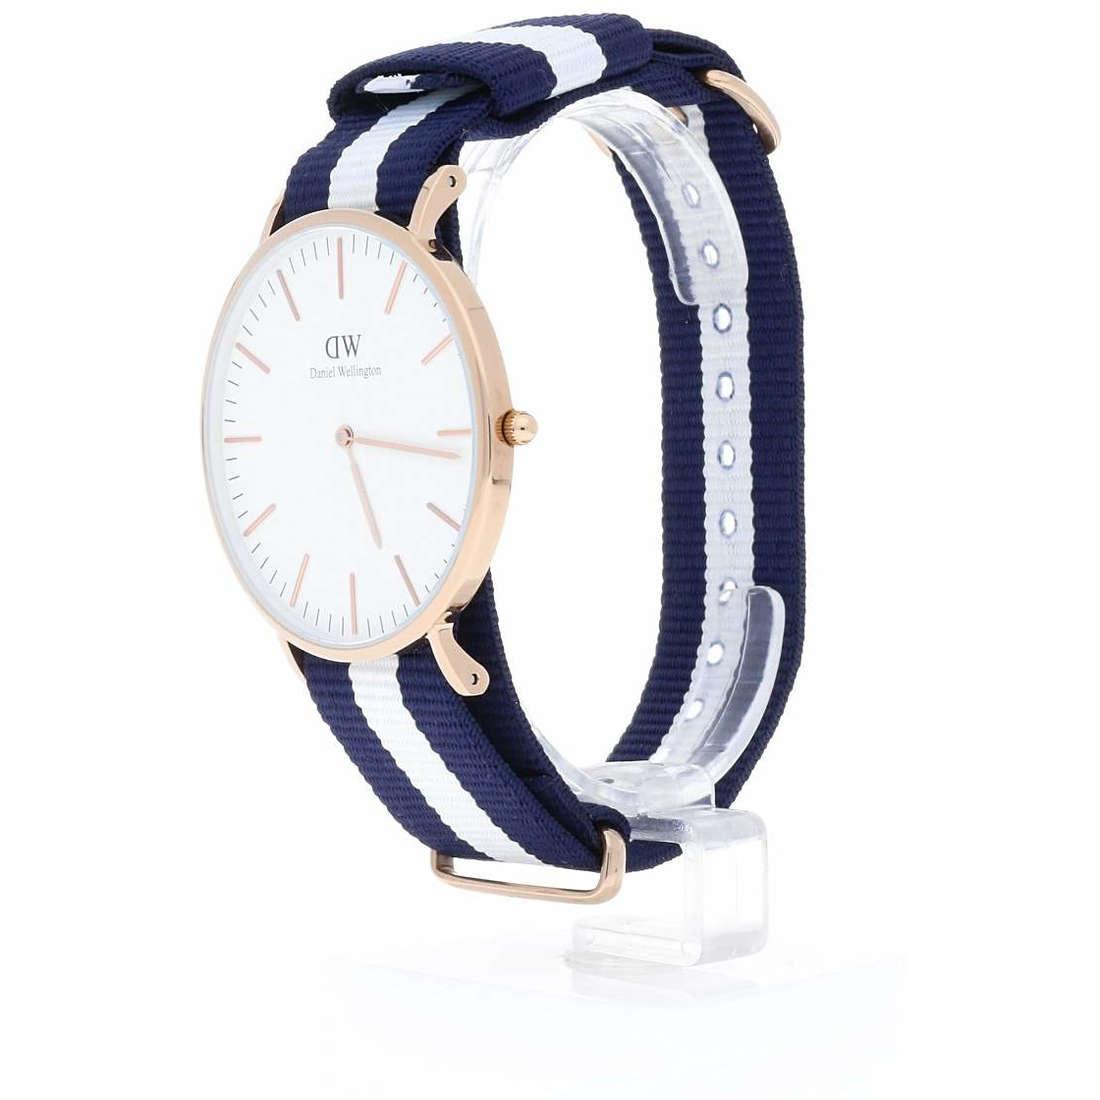 sale watches unisex Daniel Wellington DW00100004